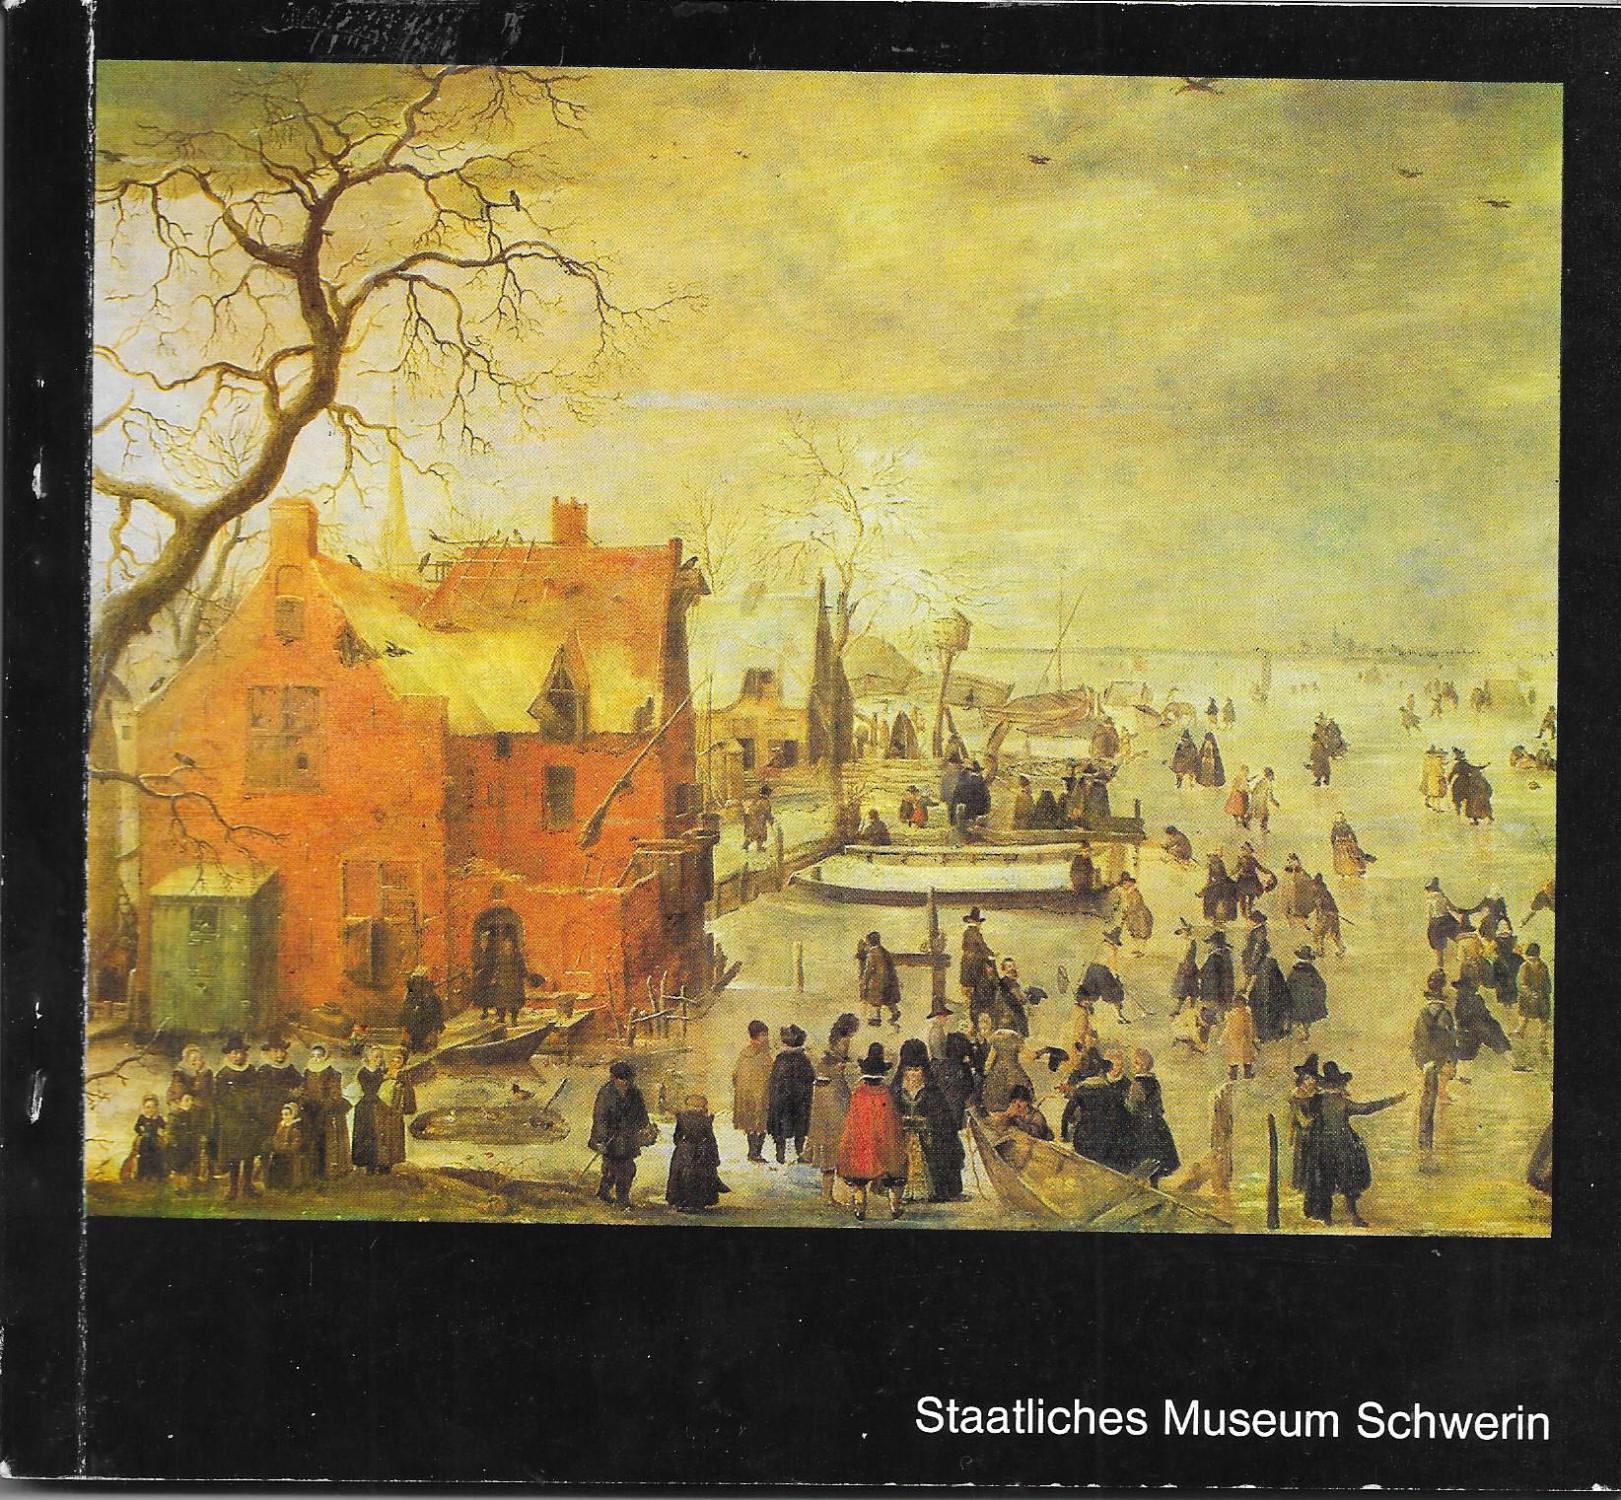 Führer durch die Sammlungen Malerei, Plastik, Grafik,: Staatliches Museum Schwerin